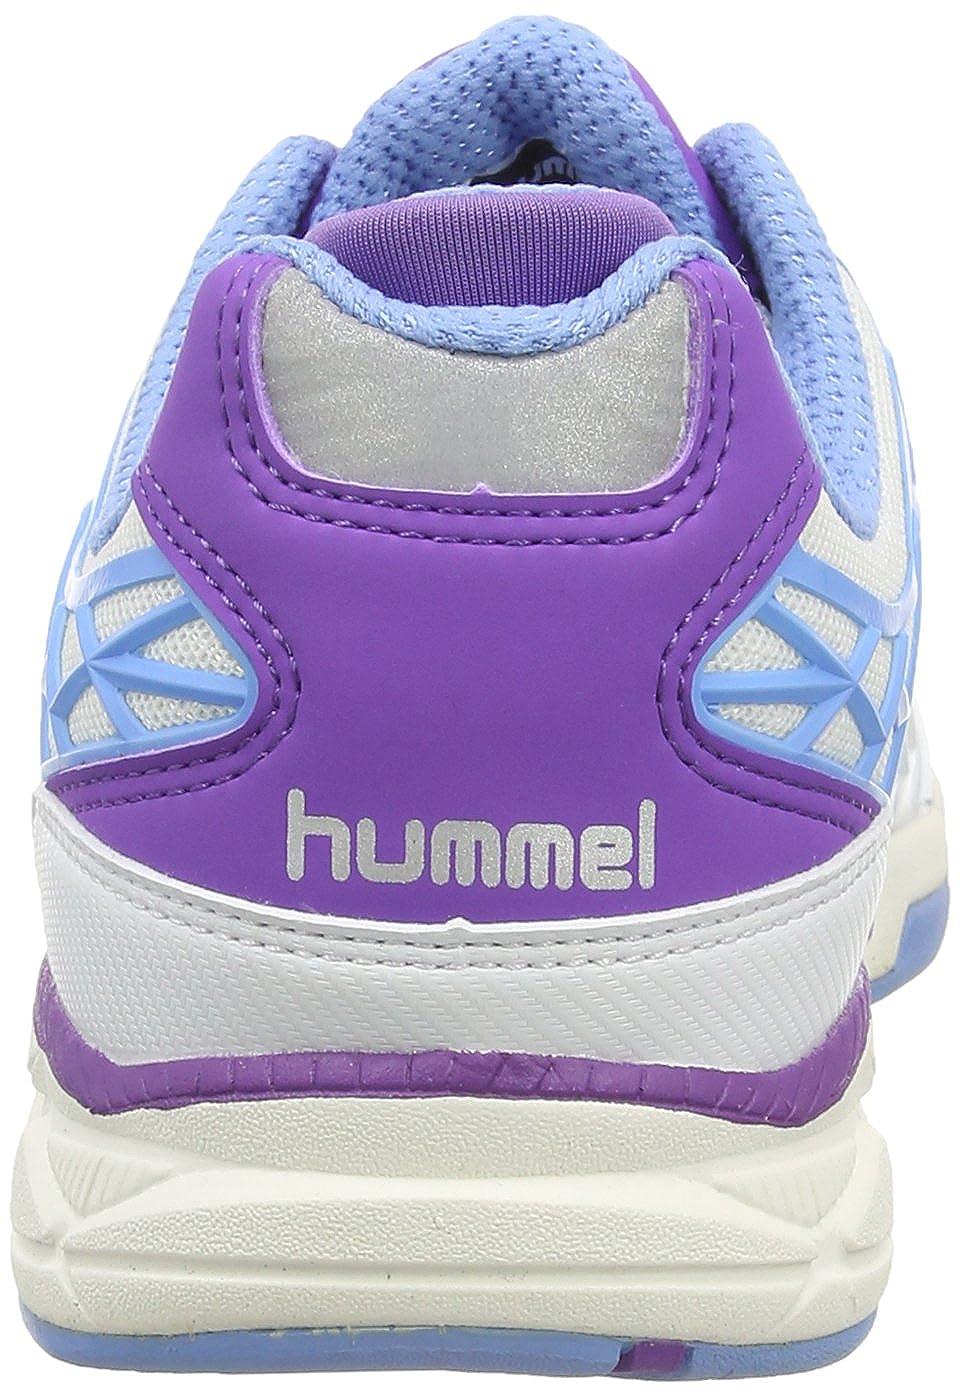 Hummel Celestial X8 FSHIELD Damen Wo Damen FSHIELD Hallenschuhe d10287